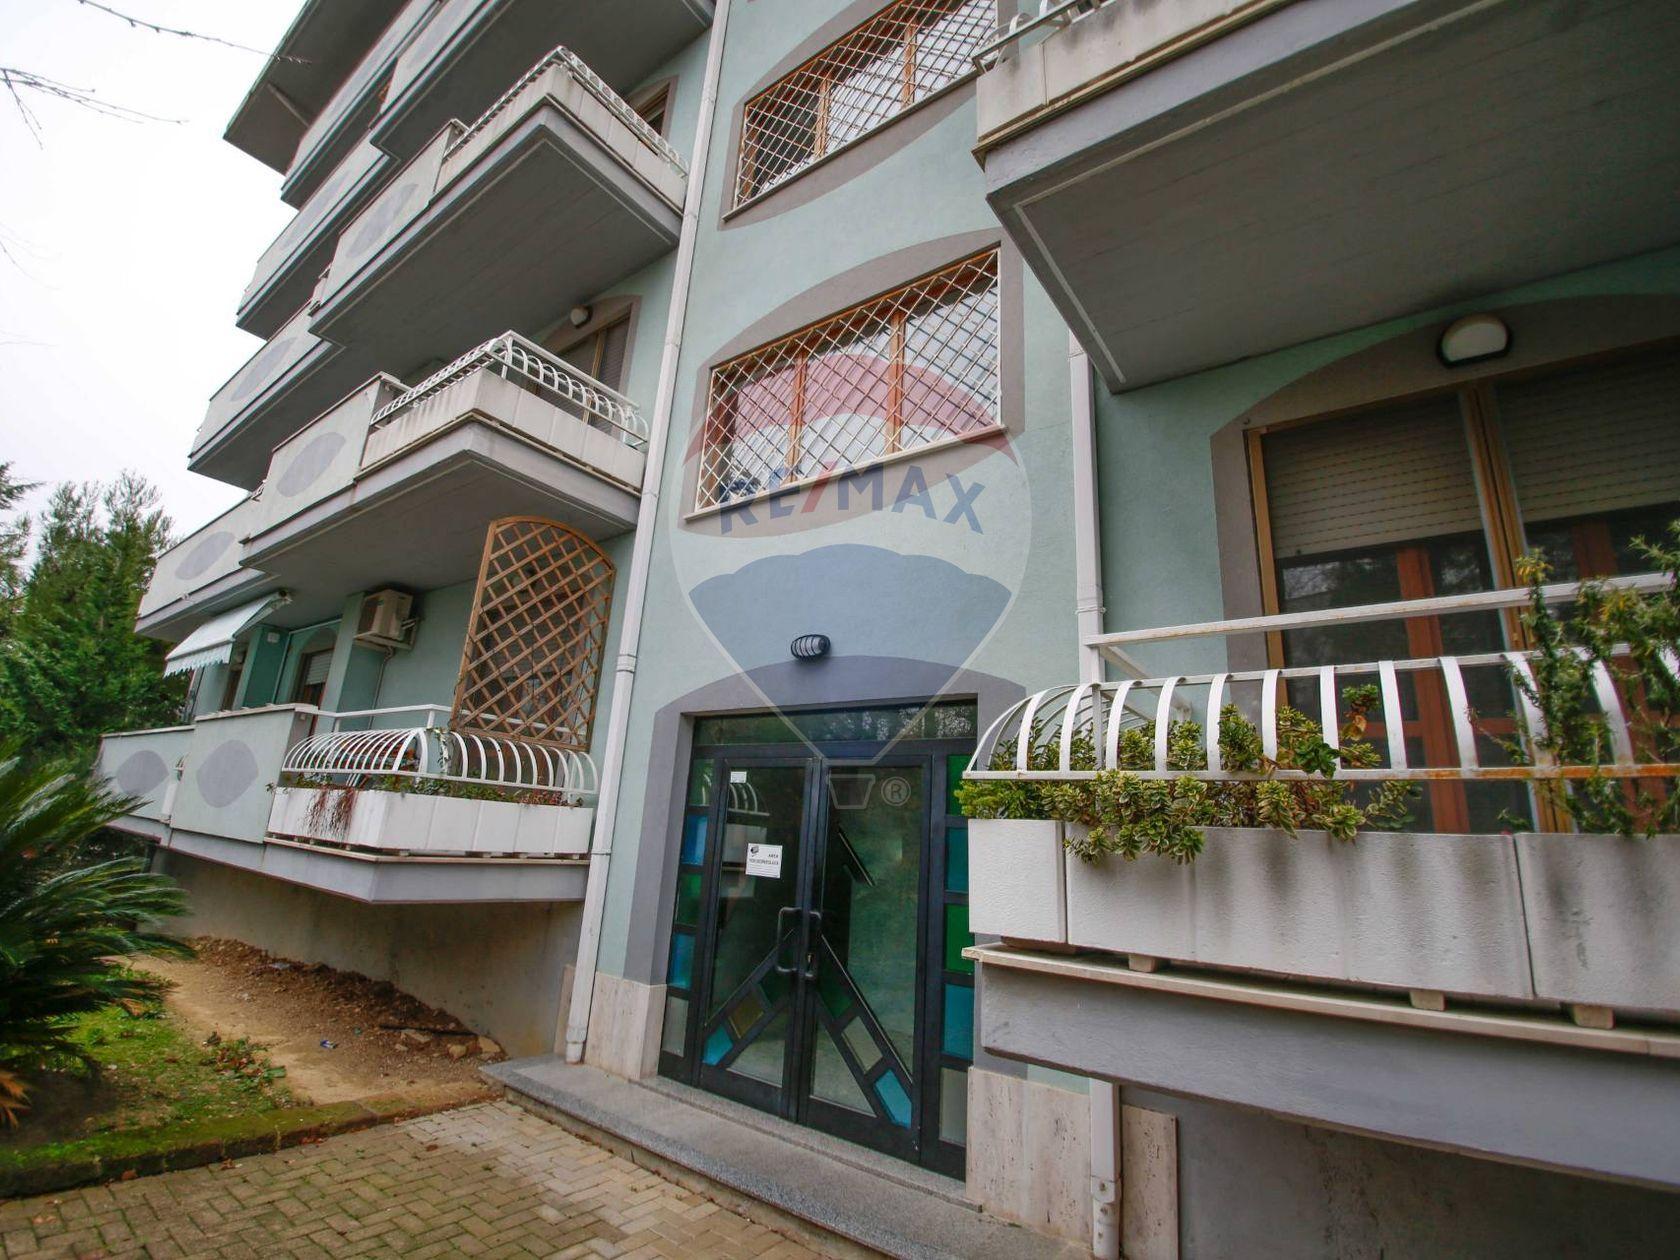 Appartamento Filippone, Chieti, CH Vendita - Foto 3